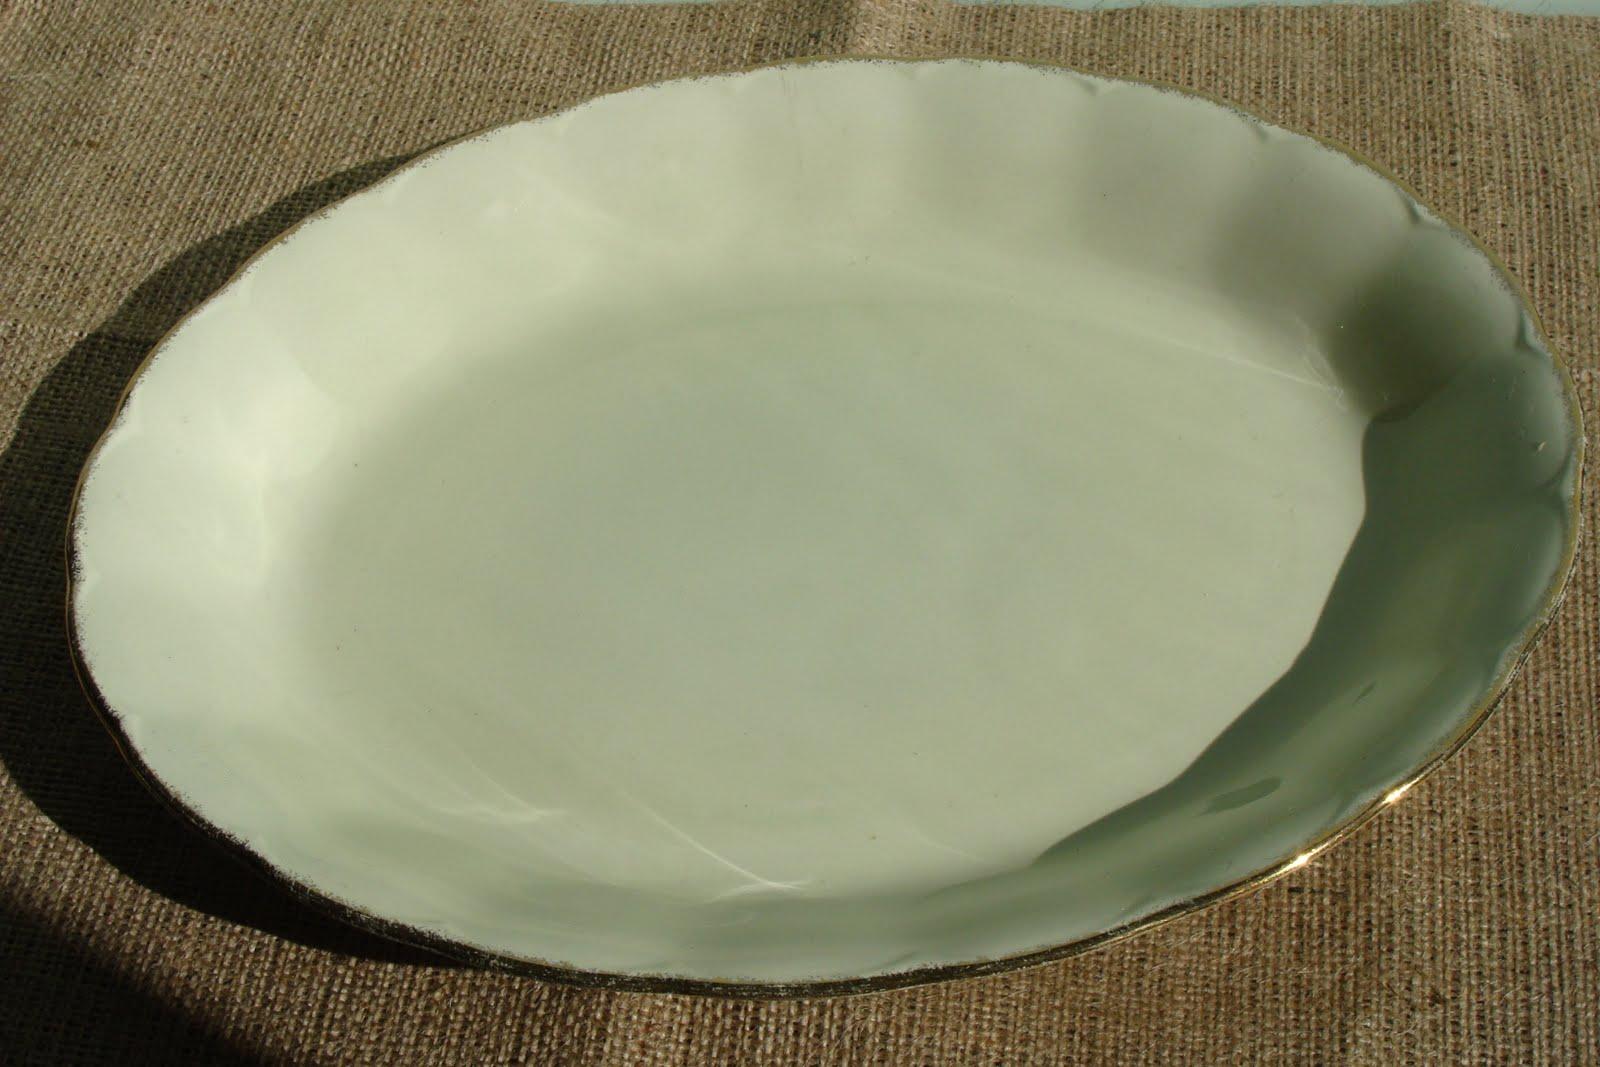 Fuente oval losa inglesa